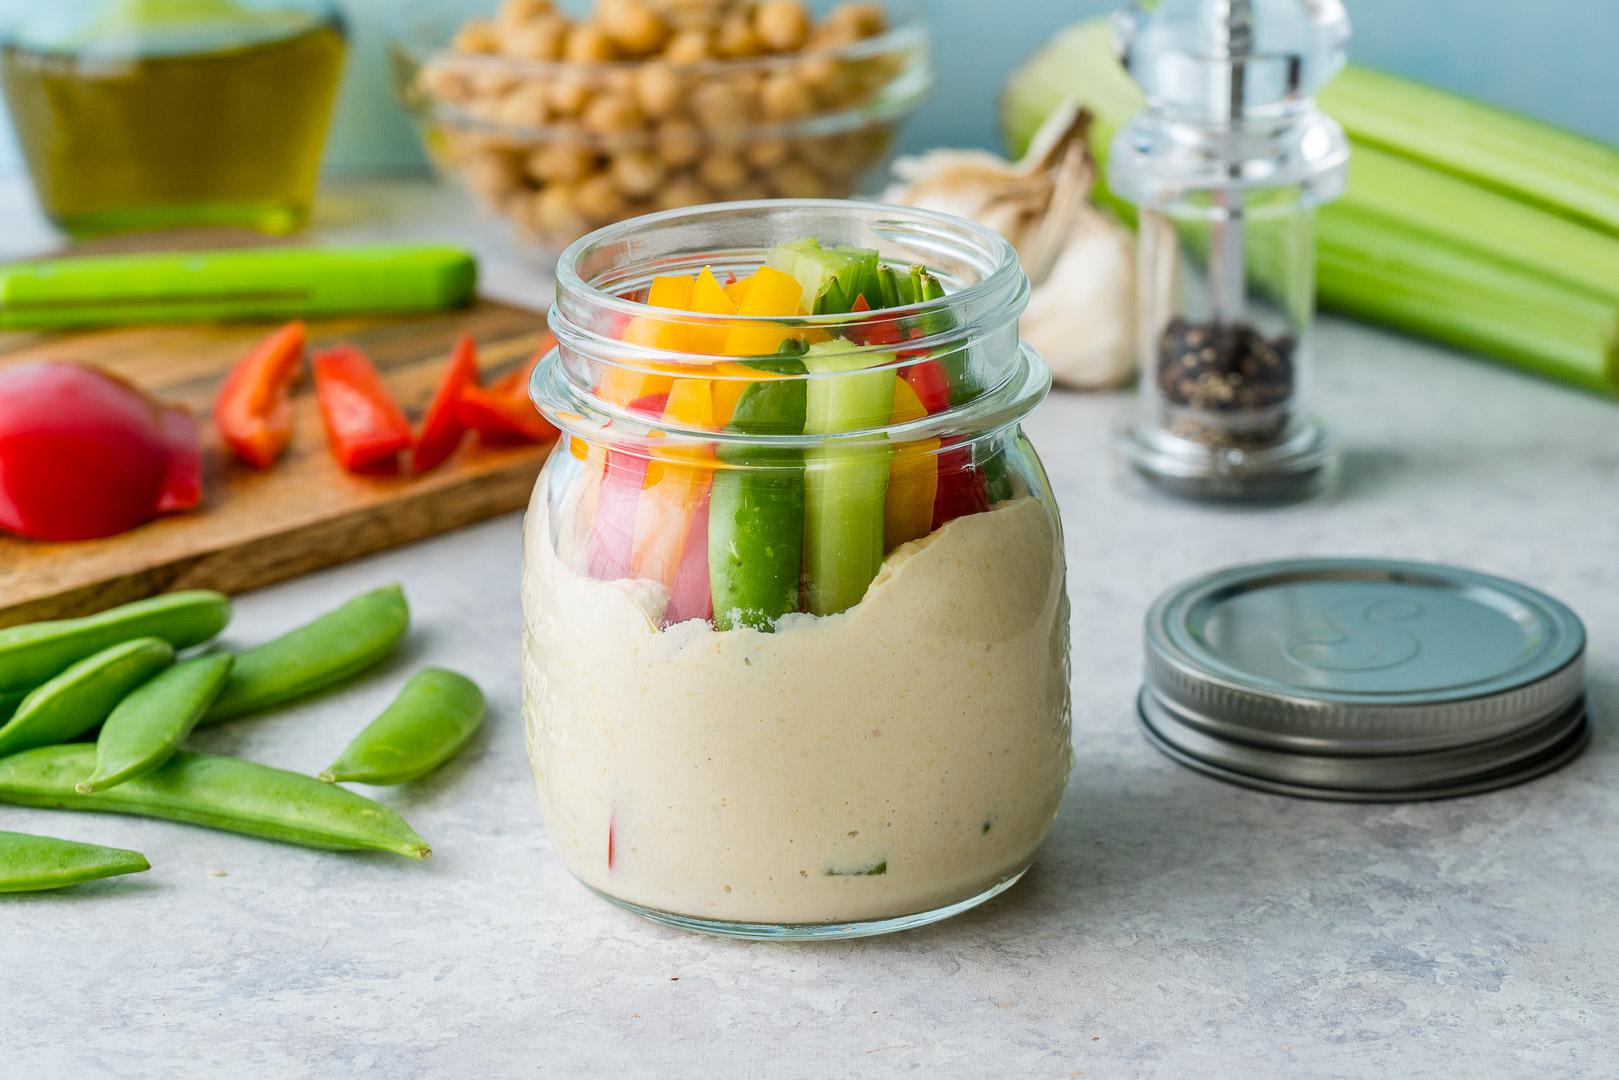 CleanFoodCrush Hummus + Crunchy Veggies Snack Jars